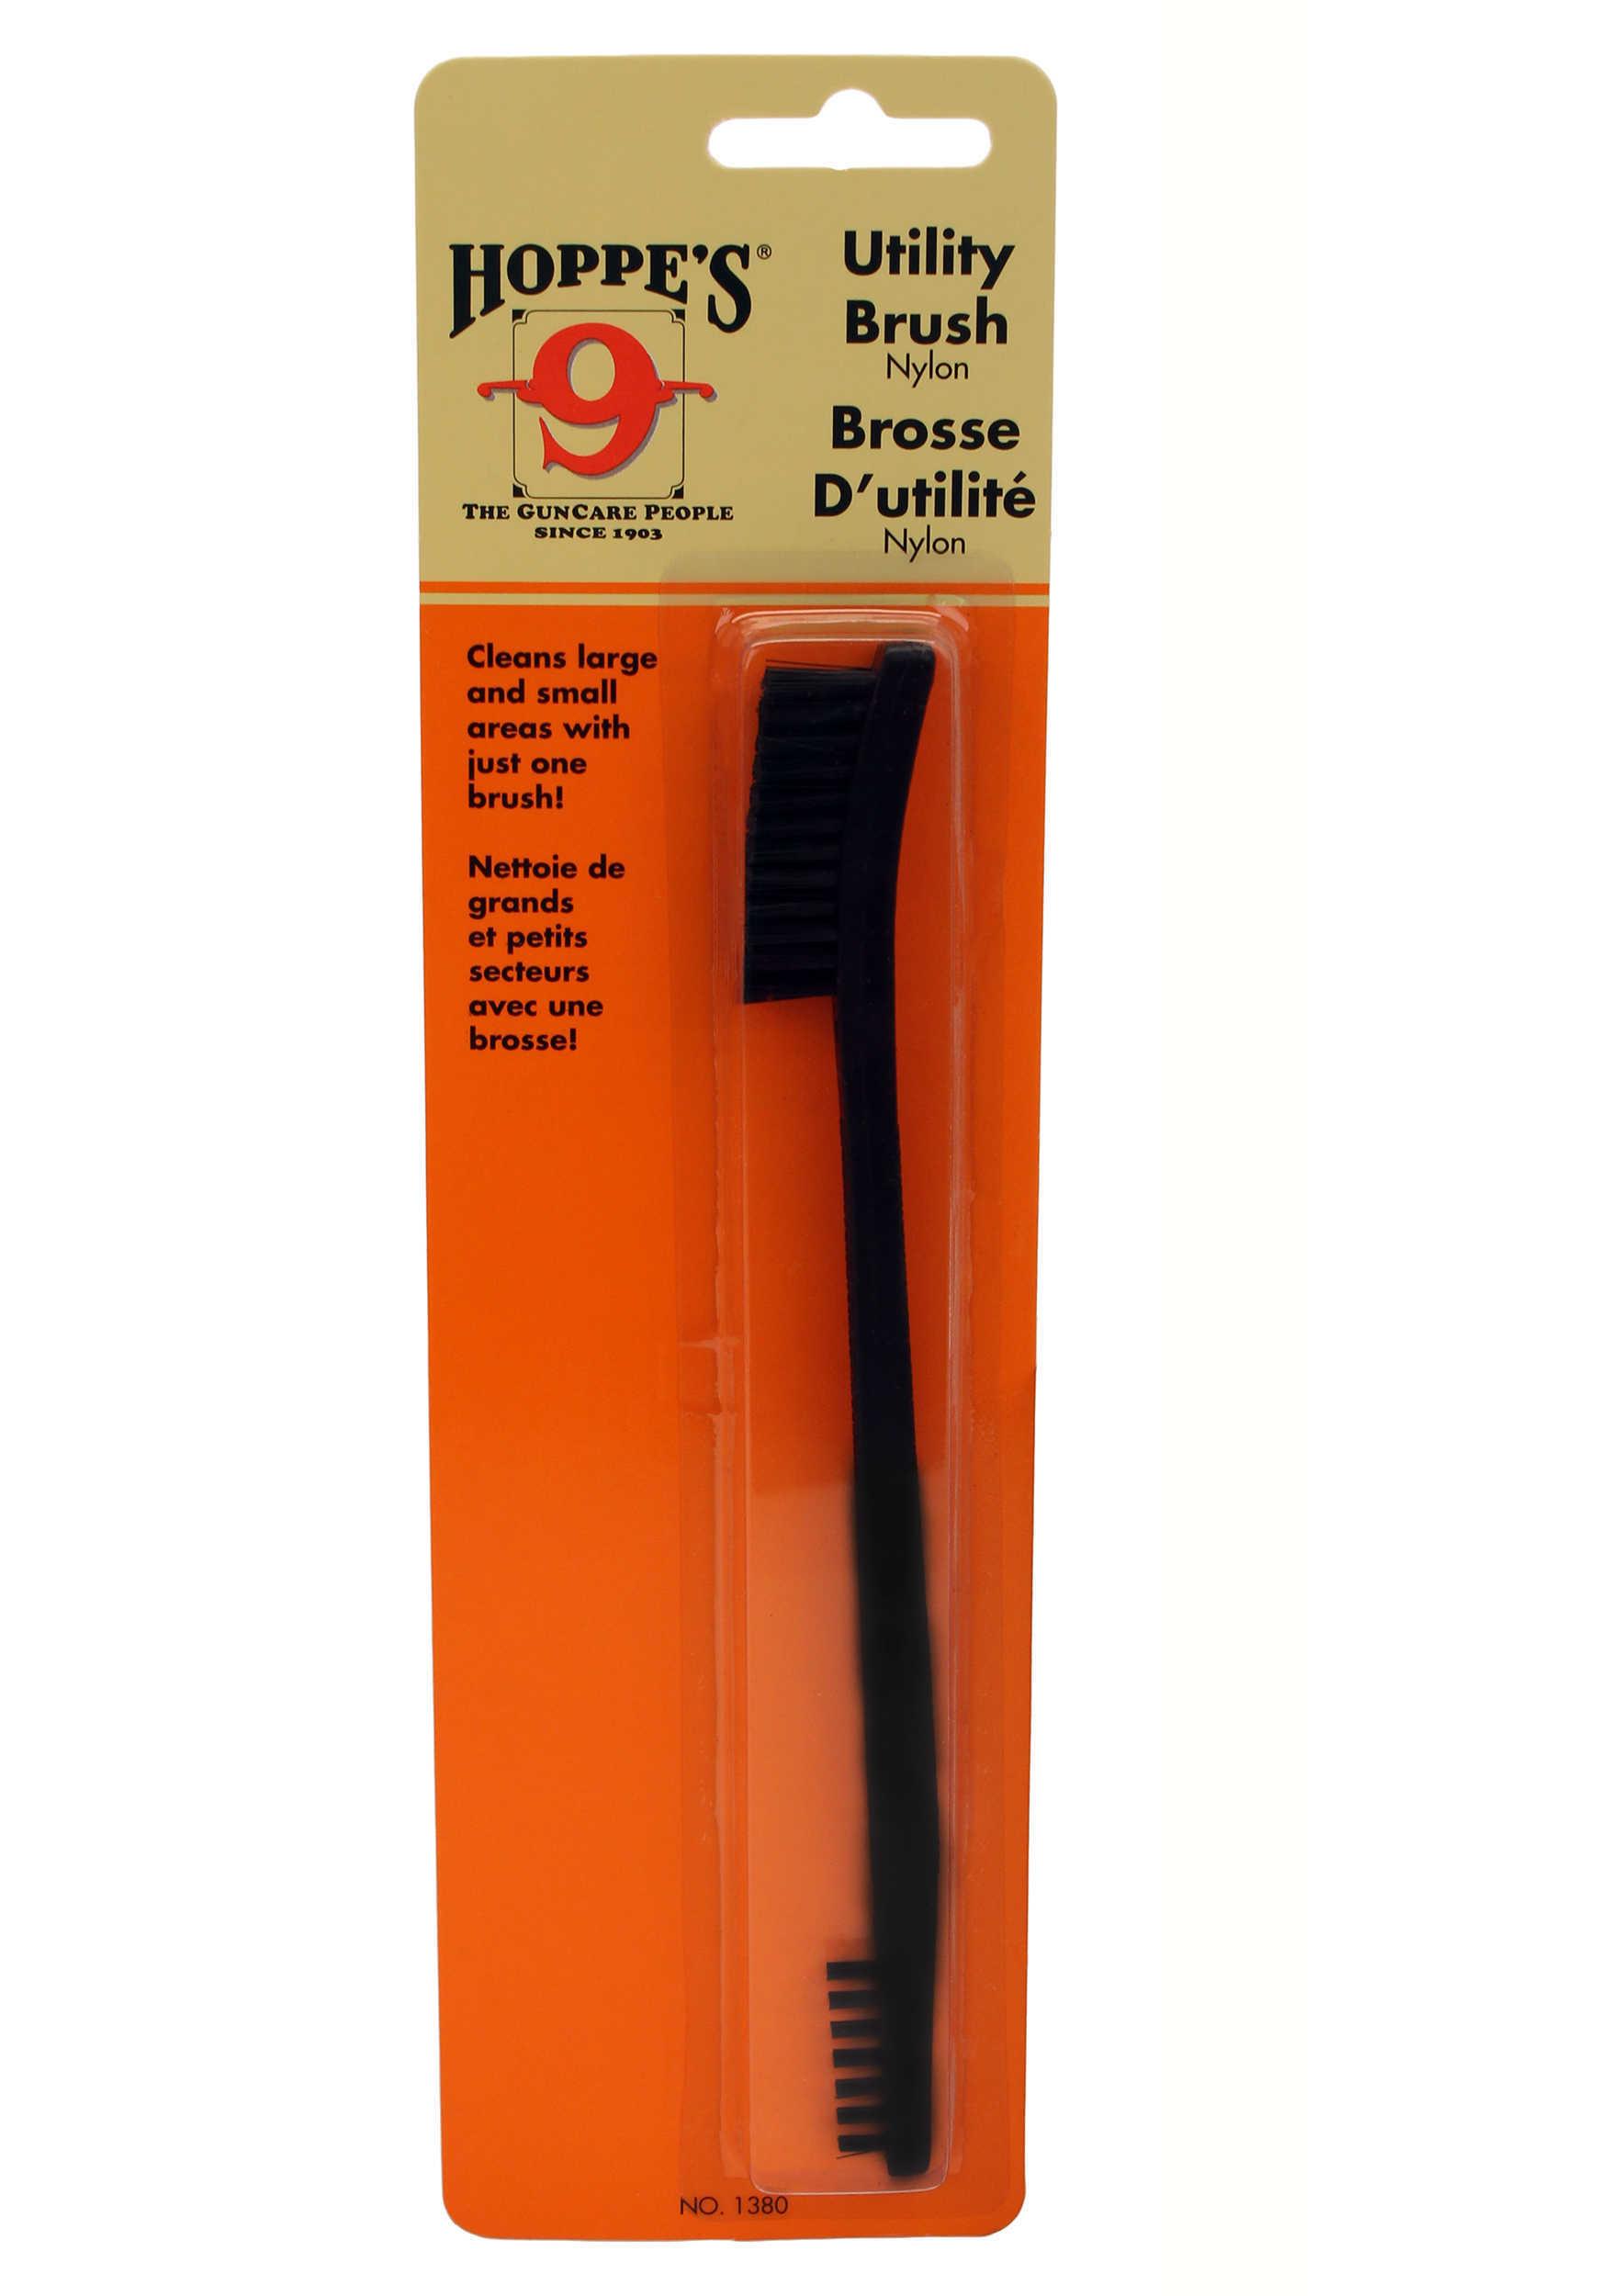 Hoppes Utility Brush Nylon Md: 1380